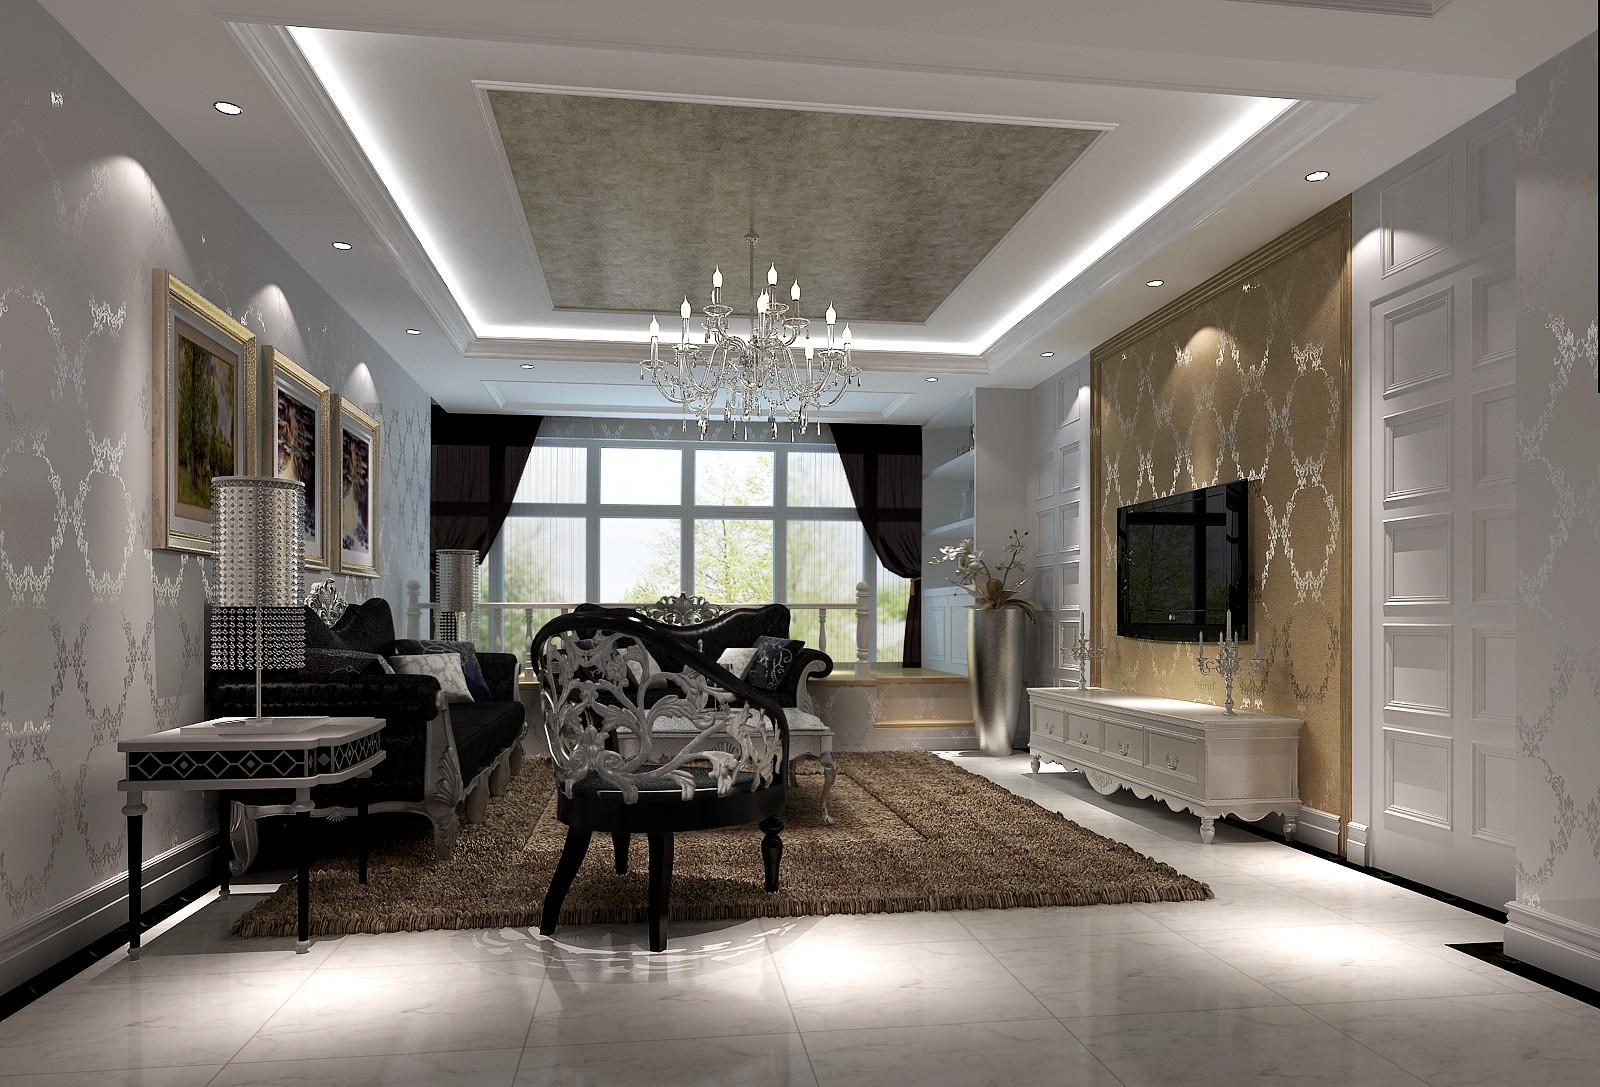 冠城名敦道 高度国际 世界杯 三居 简欧 白领 80后 白富美 高富帅 客厅图片来自北京高度国际装饰设计在冠城名敦道简欧公寓的分享